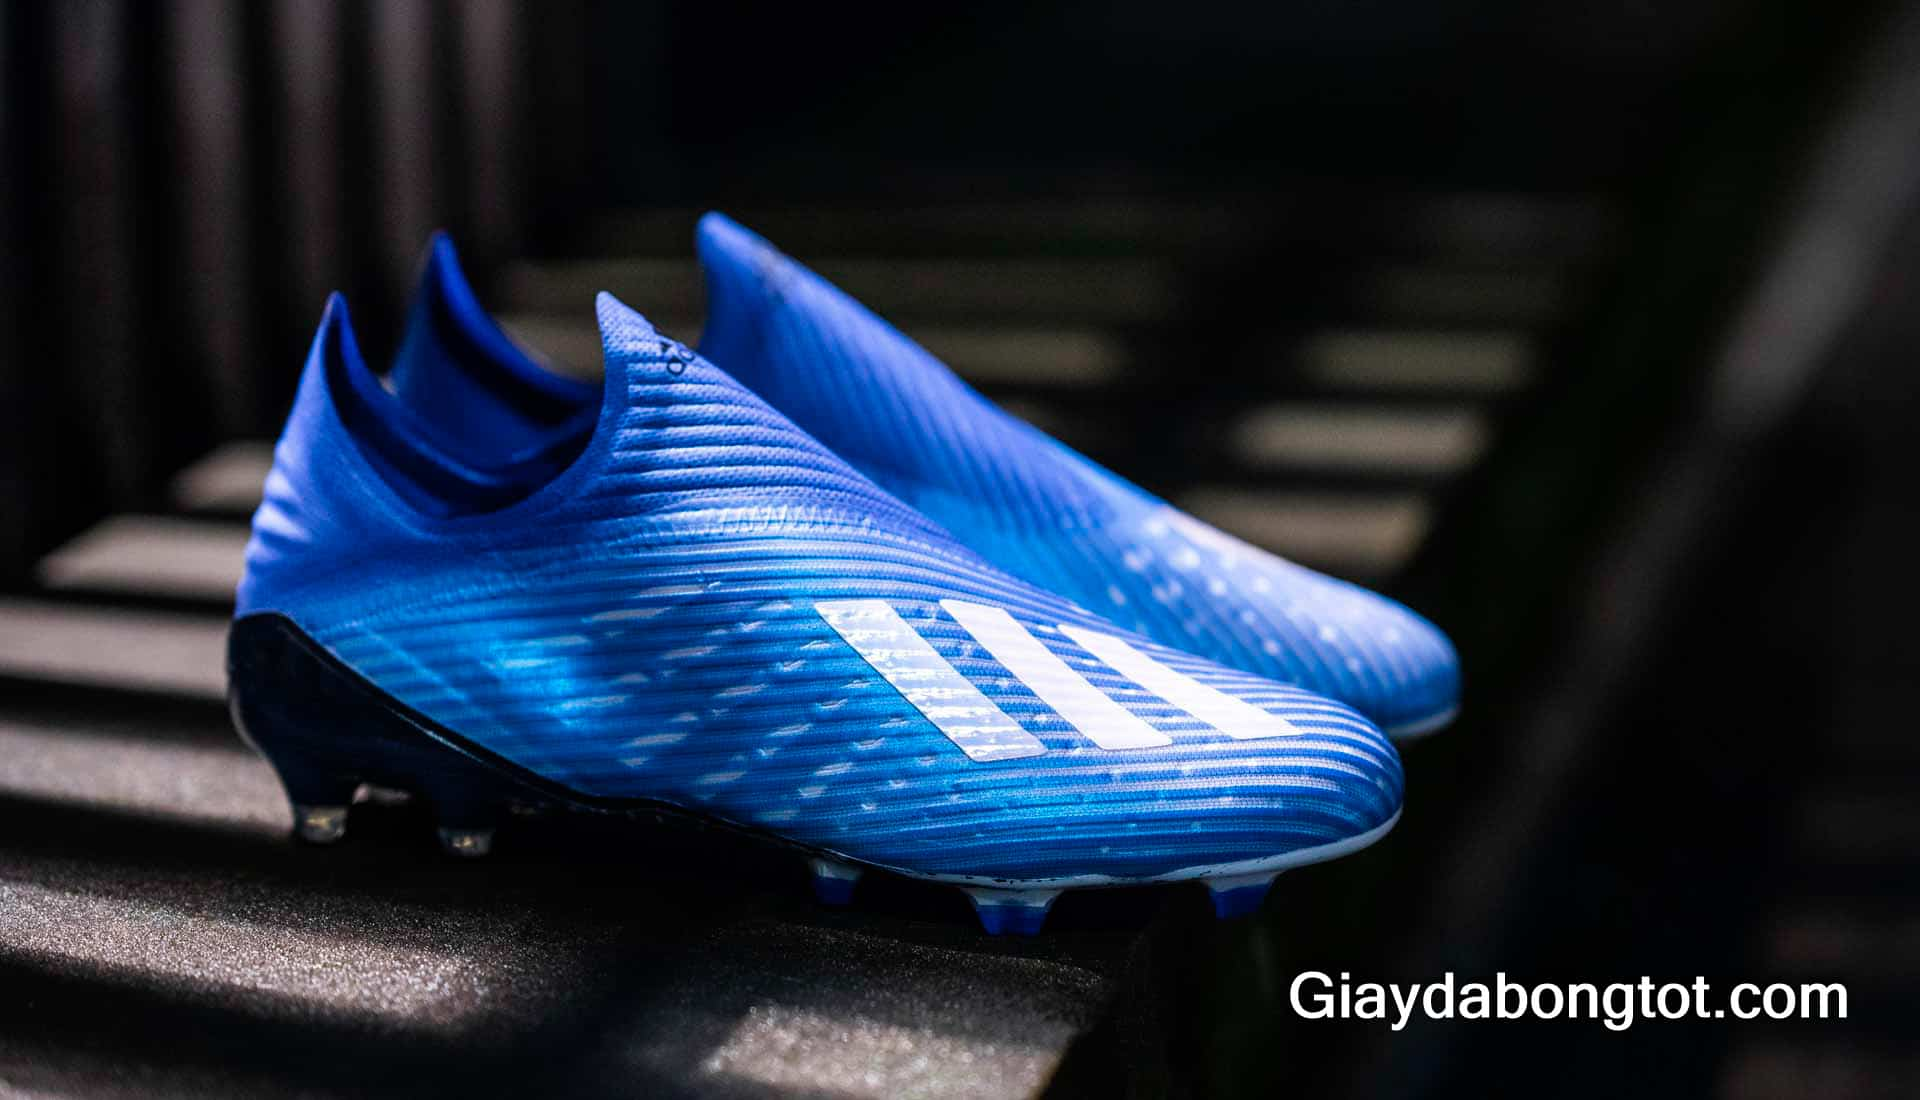 Dòng giày đá bóng Adidas X là hiện thân của tốc độ với trọng lượng nhẹ nhất trong 4 dòng giày